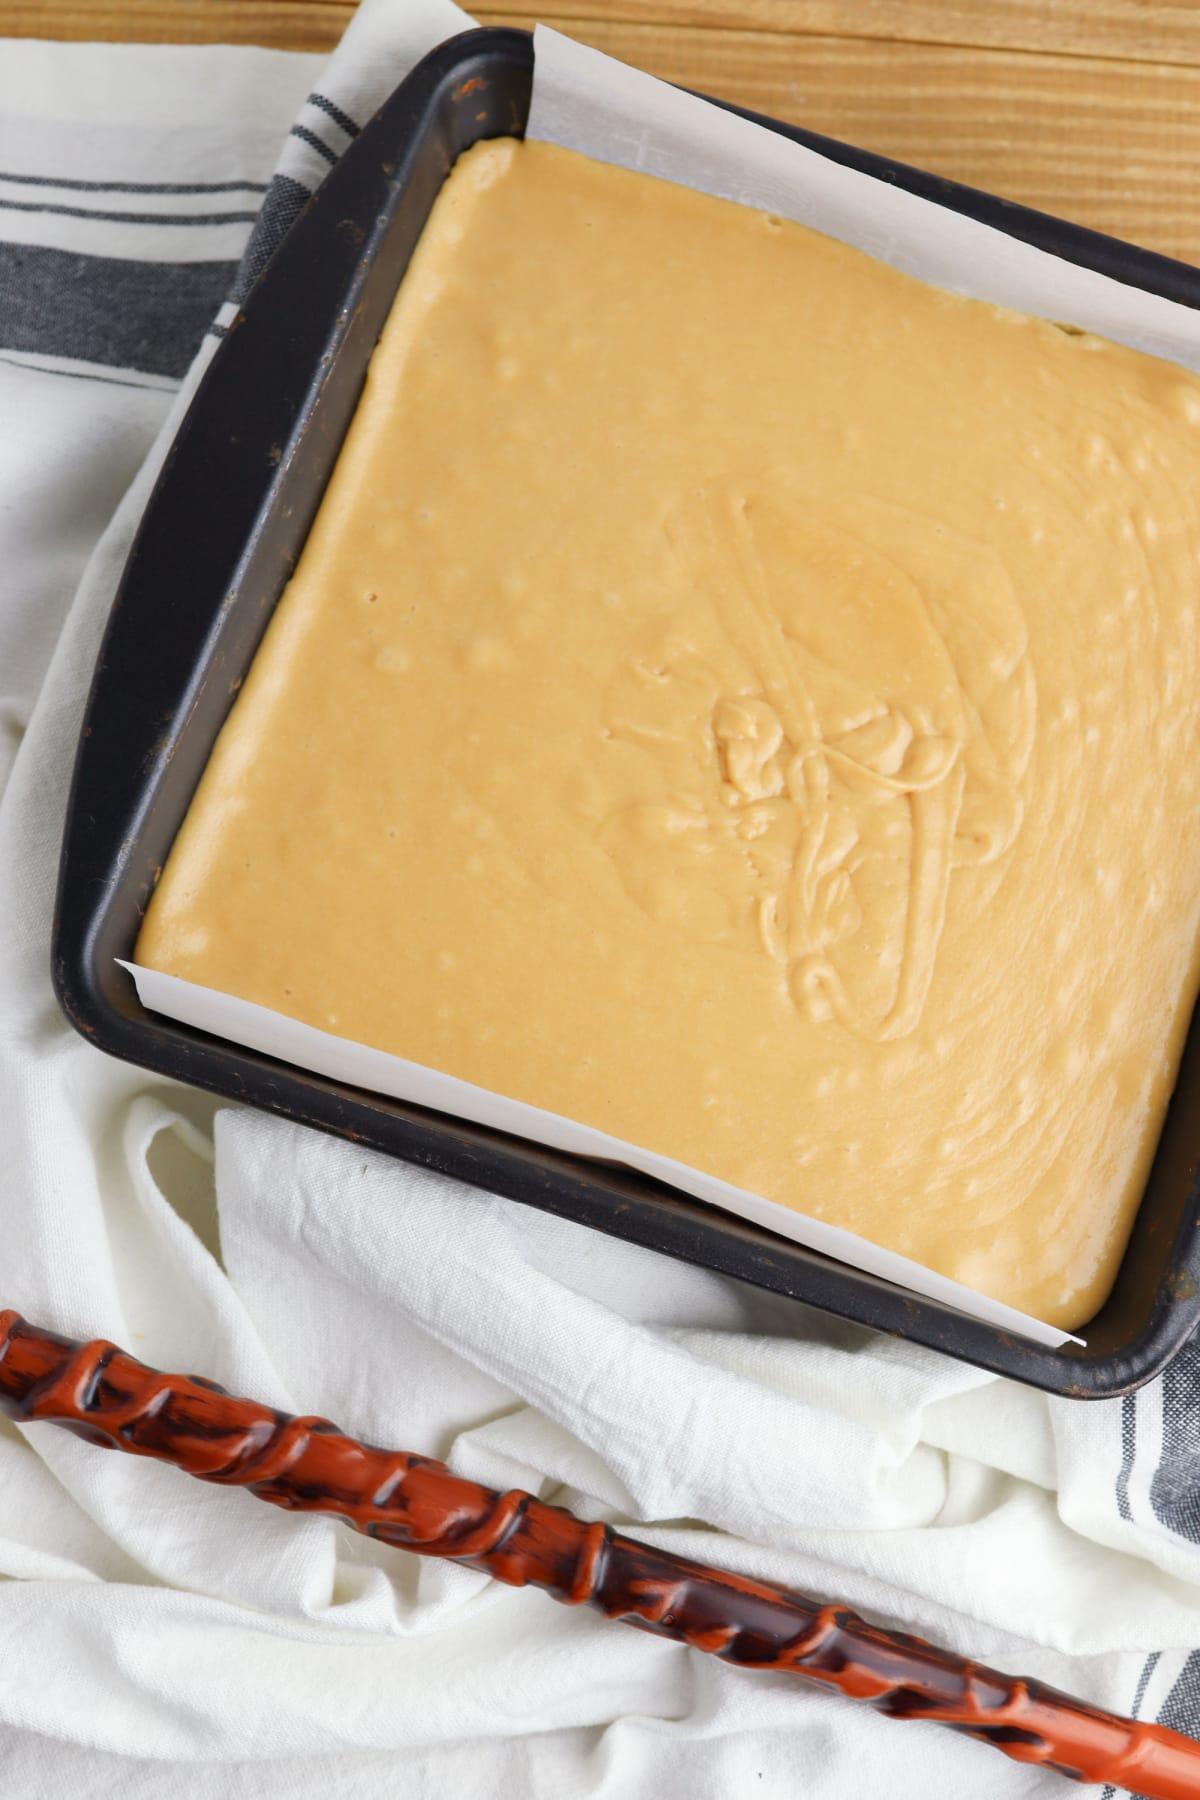 Bottom layer of butterbeer fudge